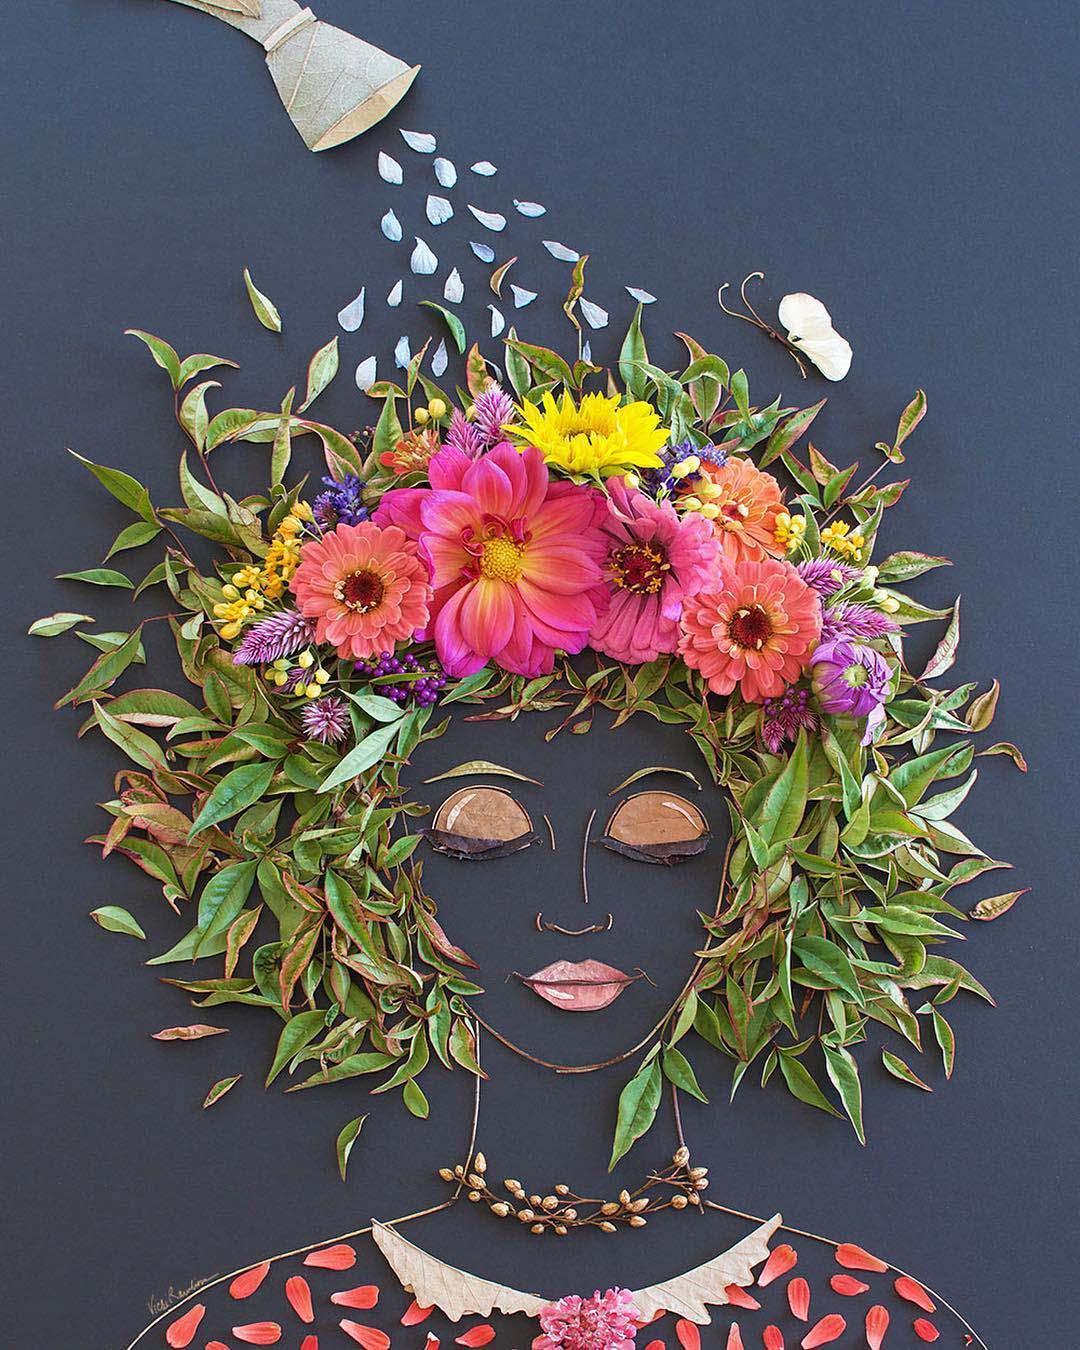 Фото брюнеток с цветами сбоку